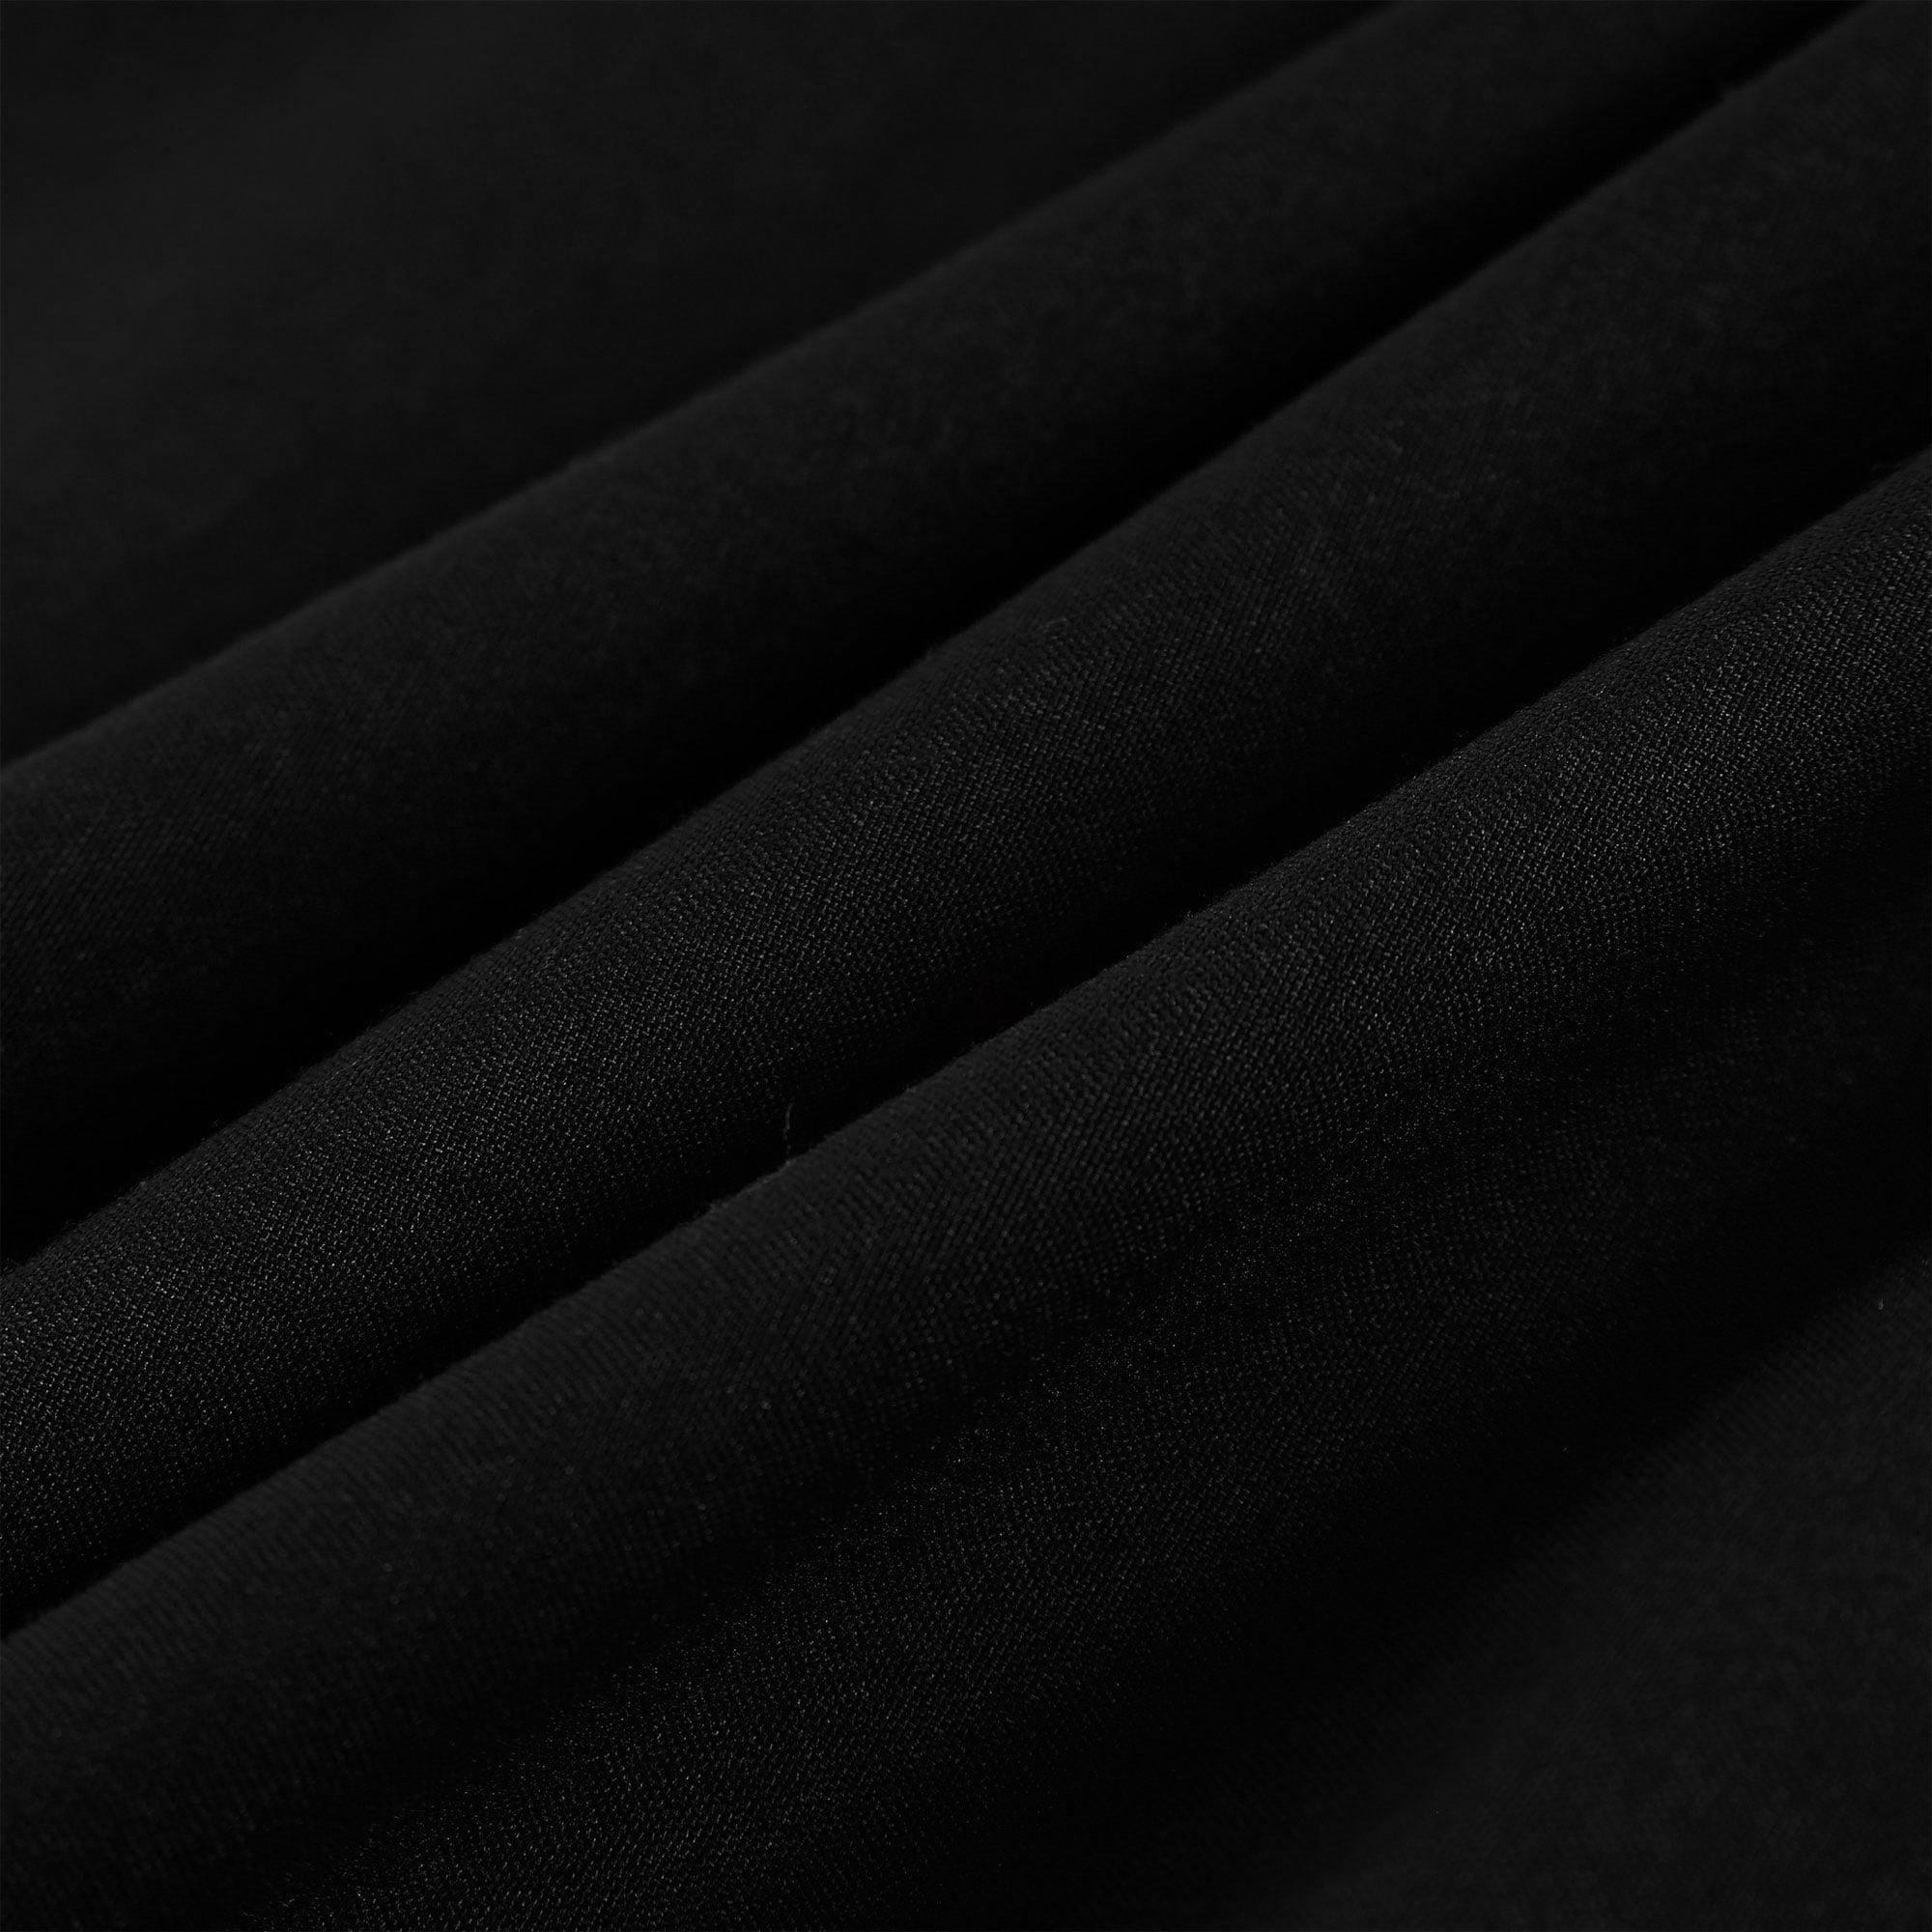 """Body Pillow Case Microfiber Long Bedding Covers for Body Pillows Black 20""""x60"""" - image 6 de 7"""